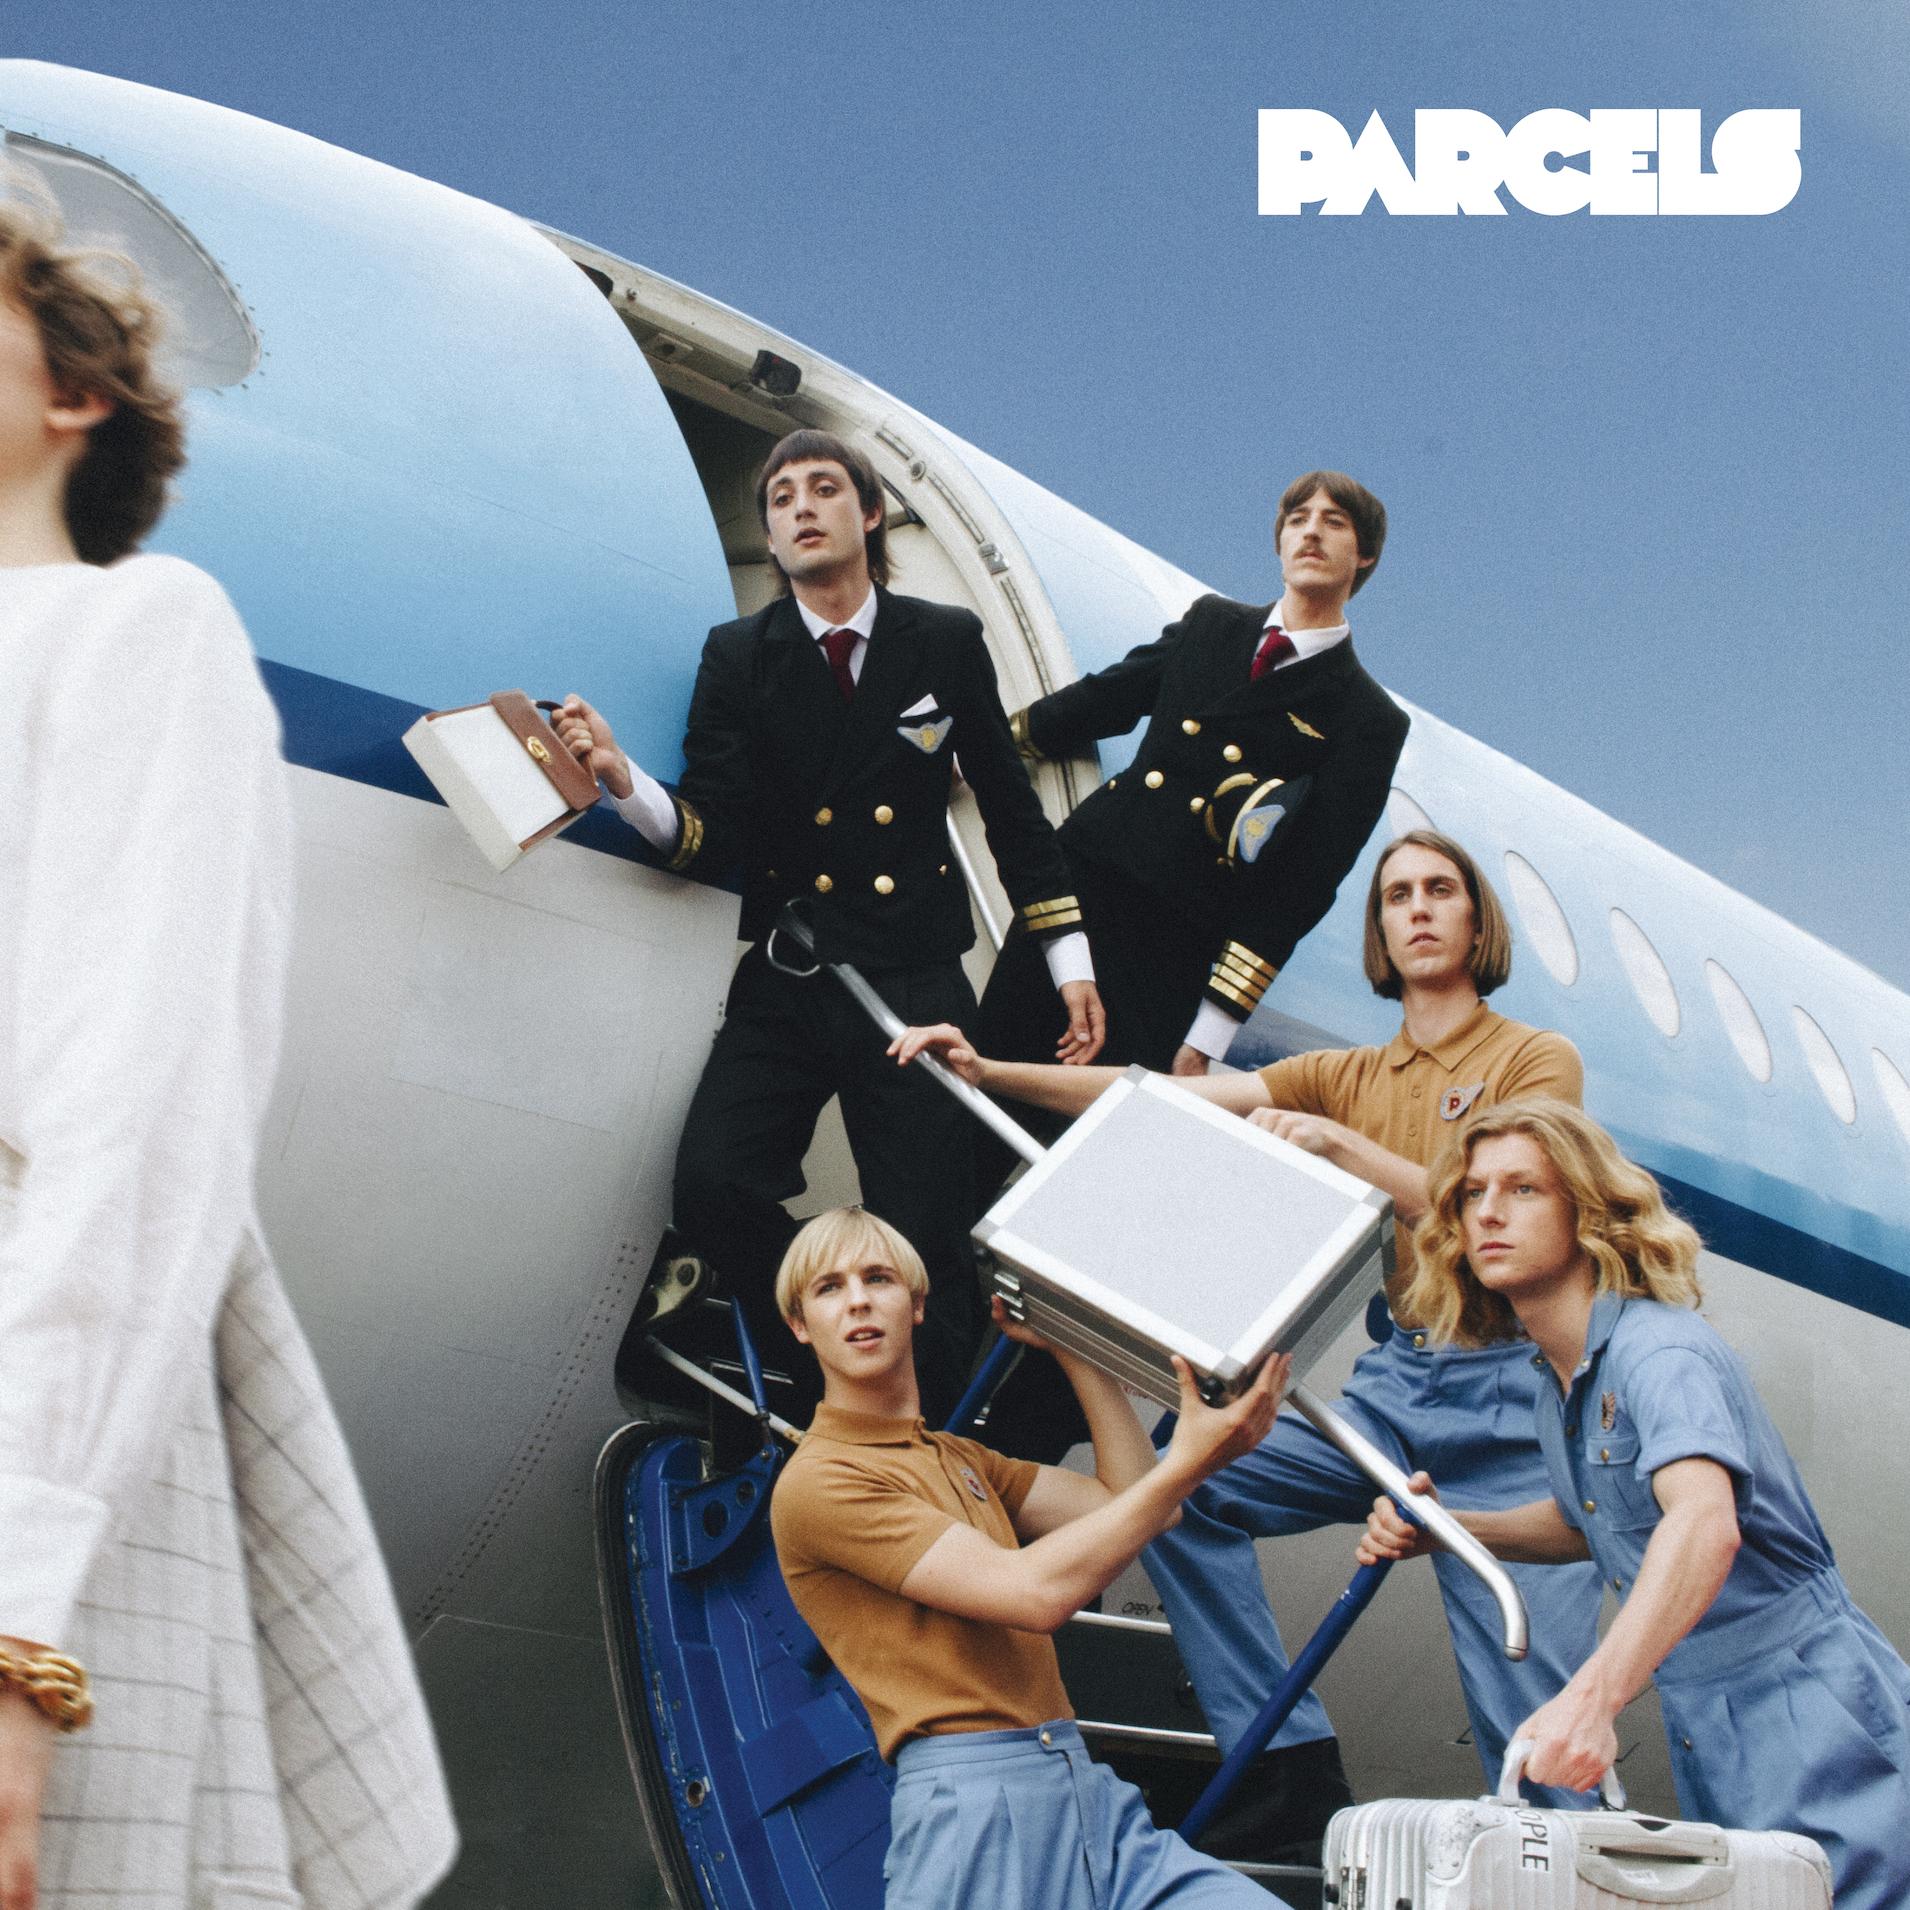 Parcelsalbumcover